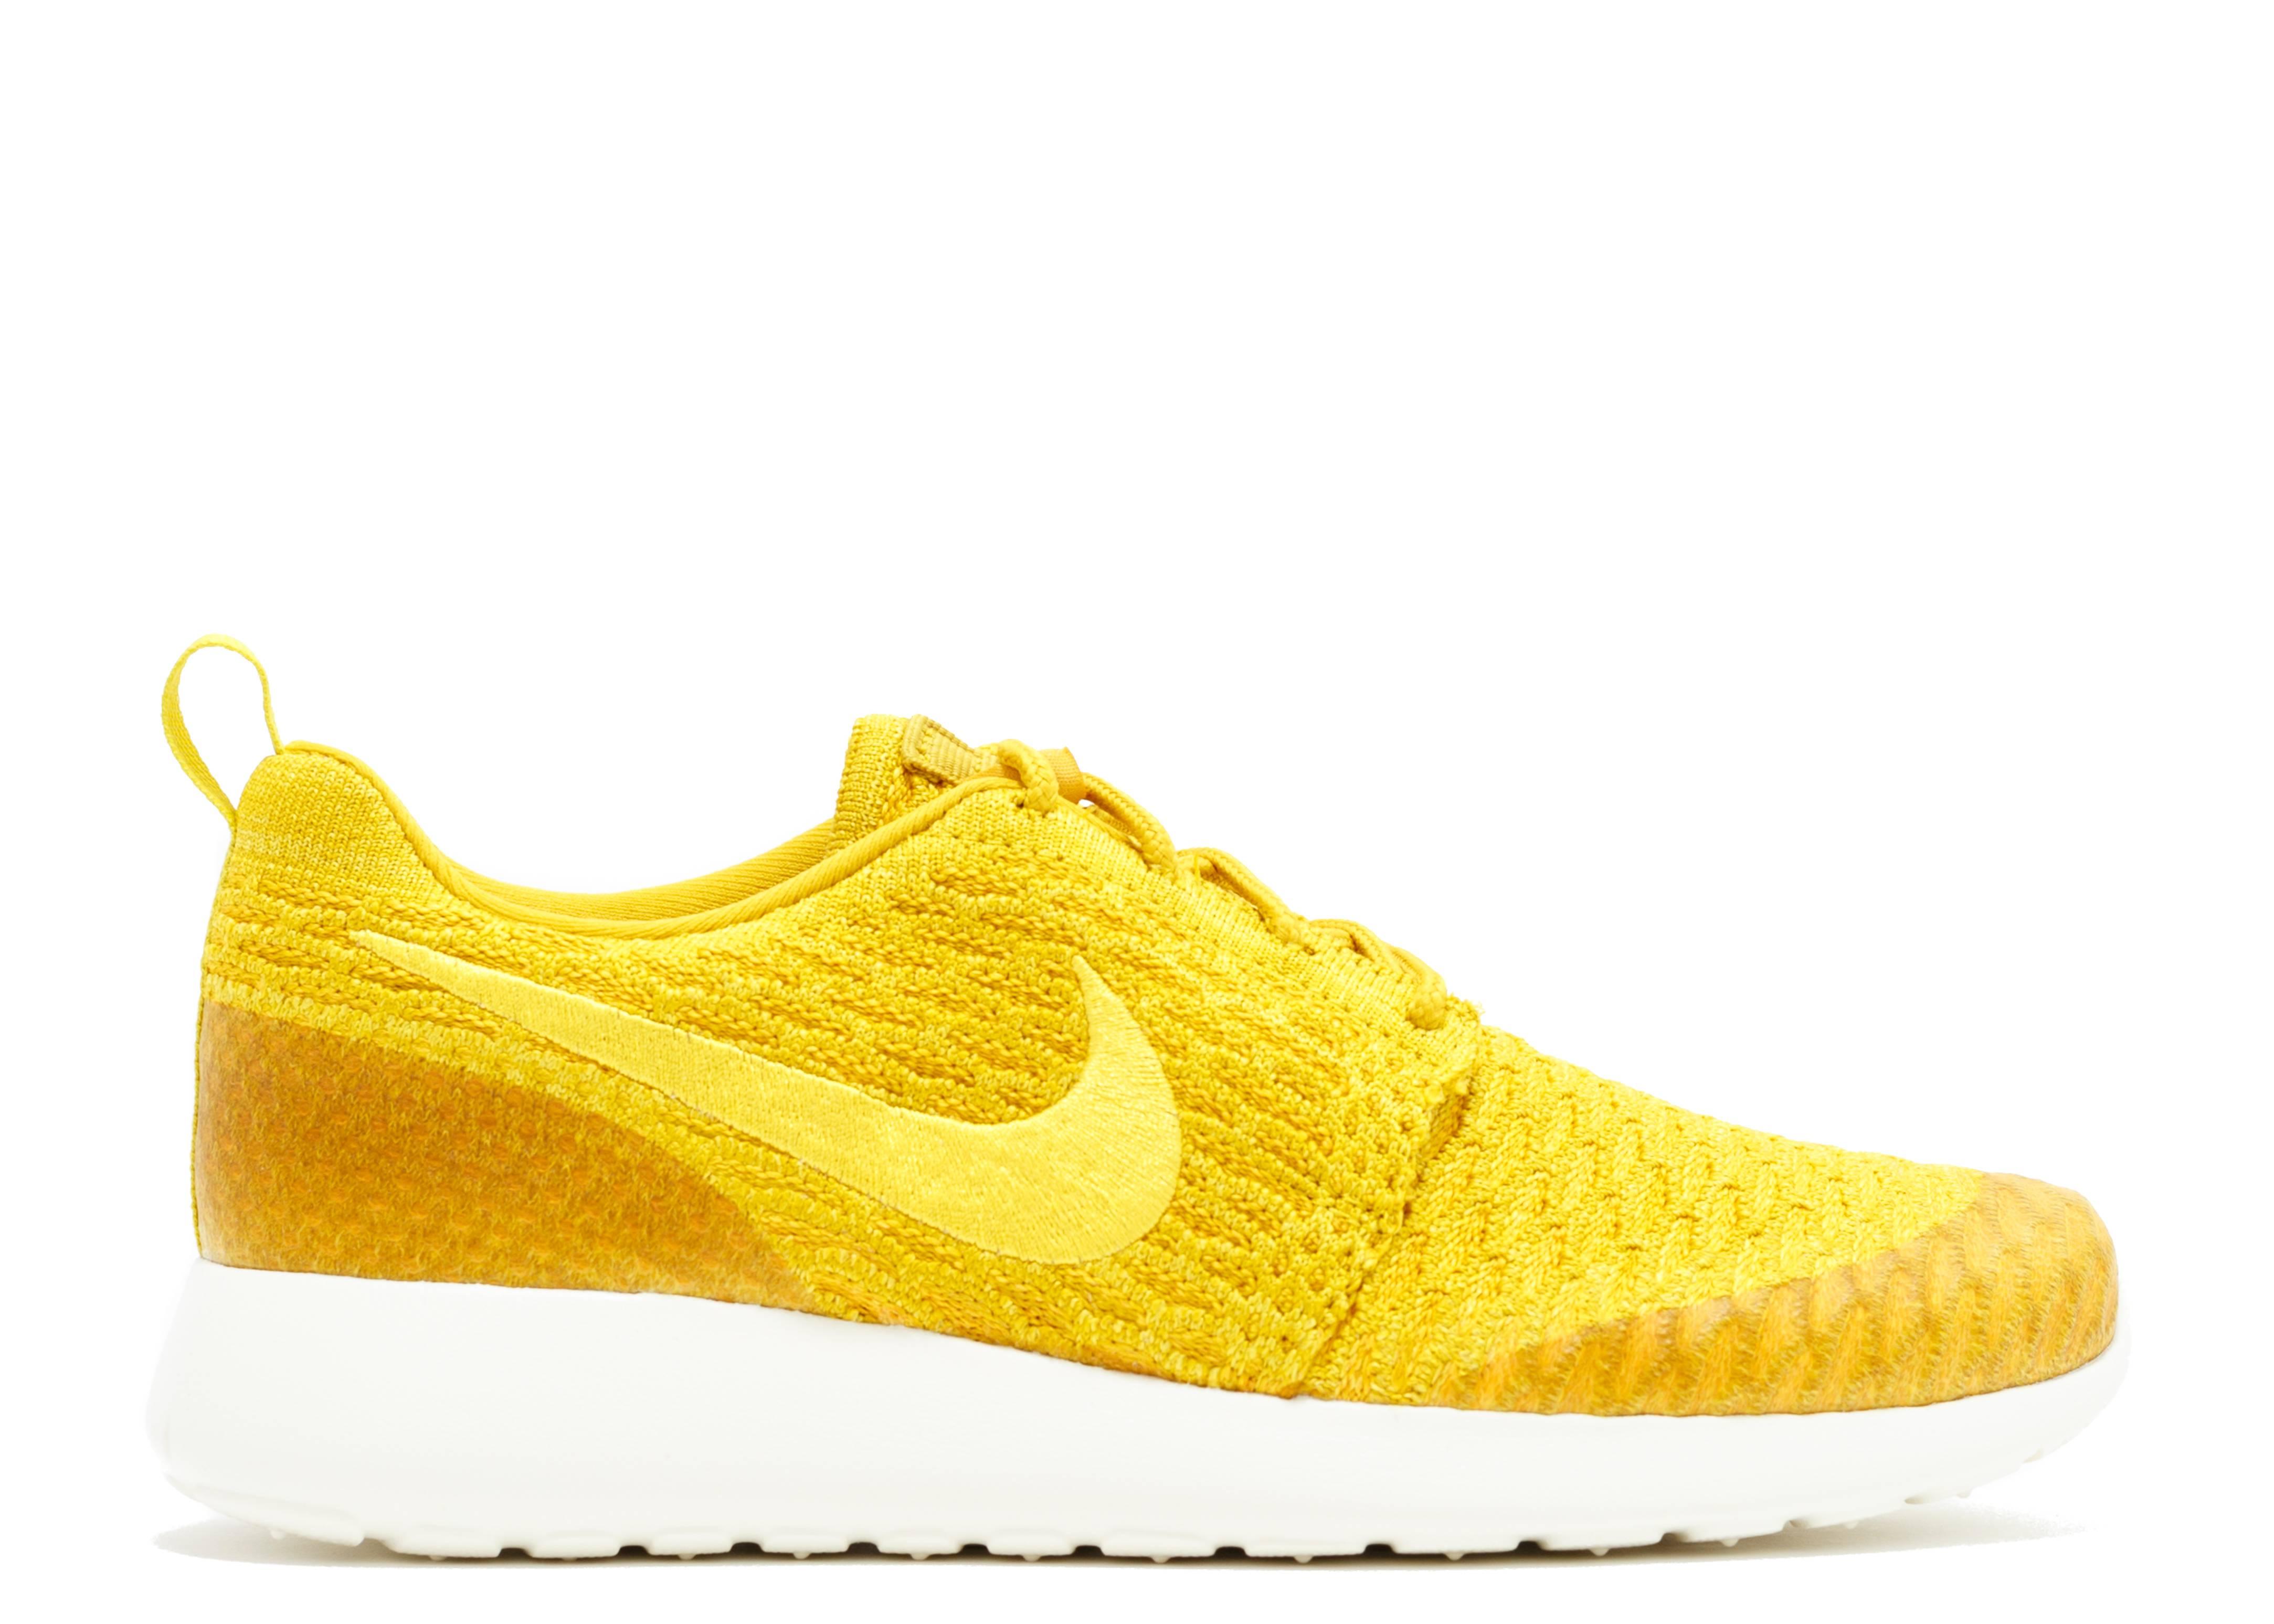 ... w's roshe one flyknit - gld ld/tr yllw-unvrsty gld-sl -; Nike WMNS Roshe  One Flyknit (Gold) ...